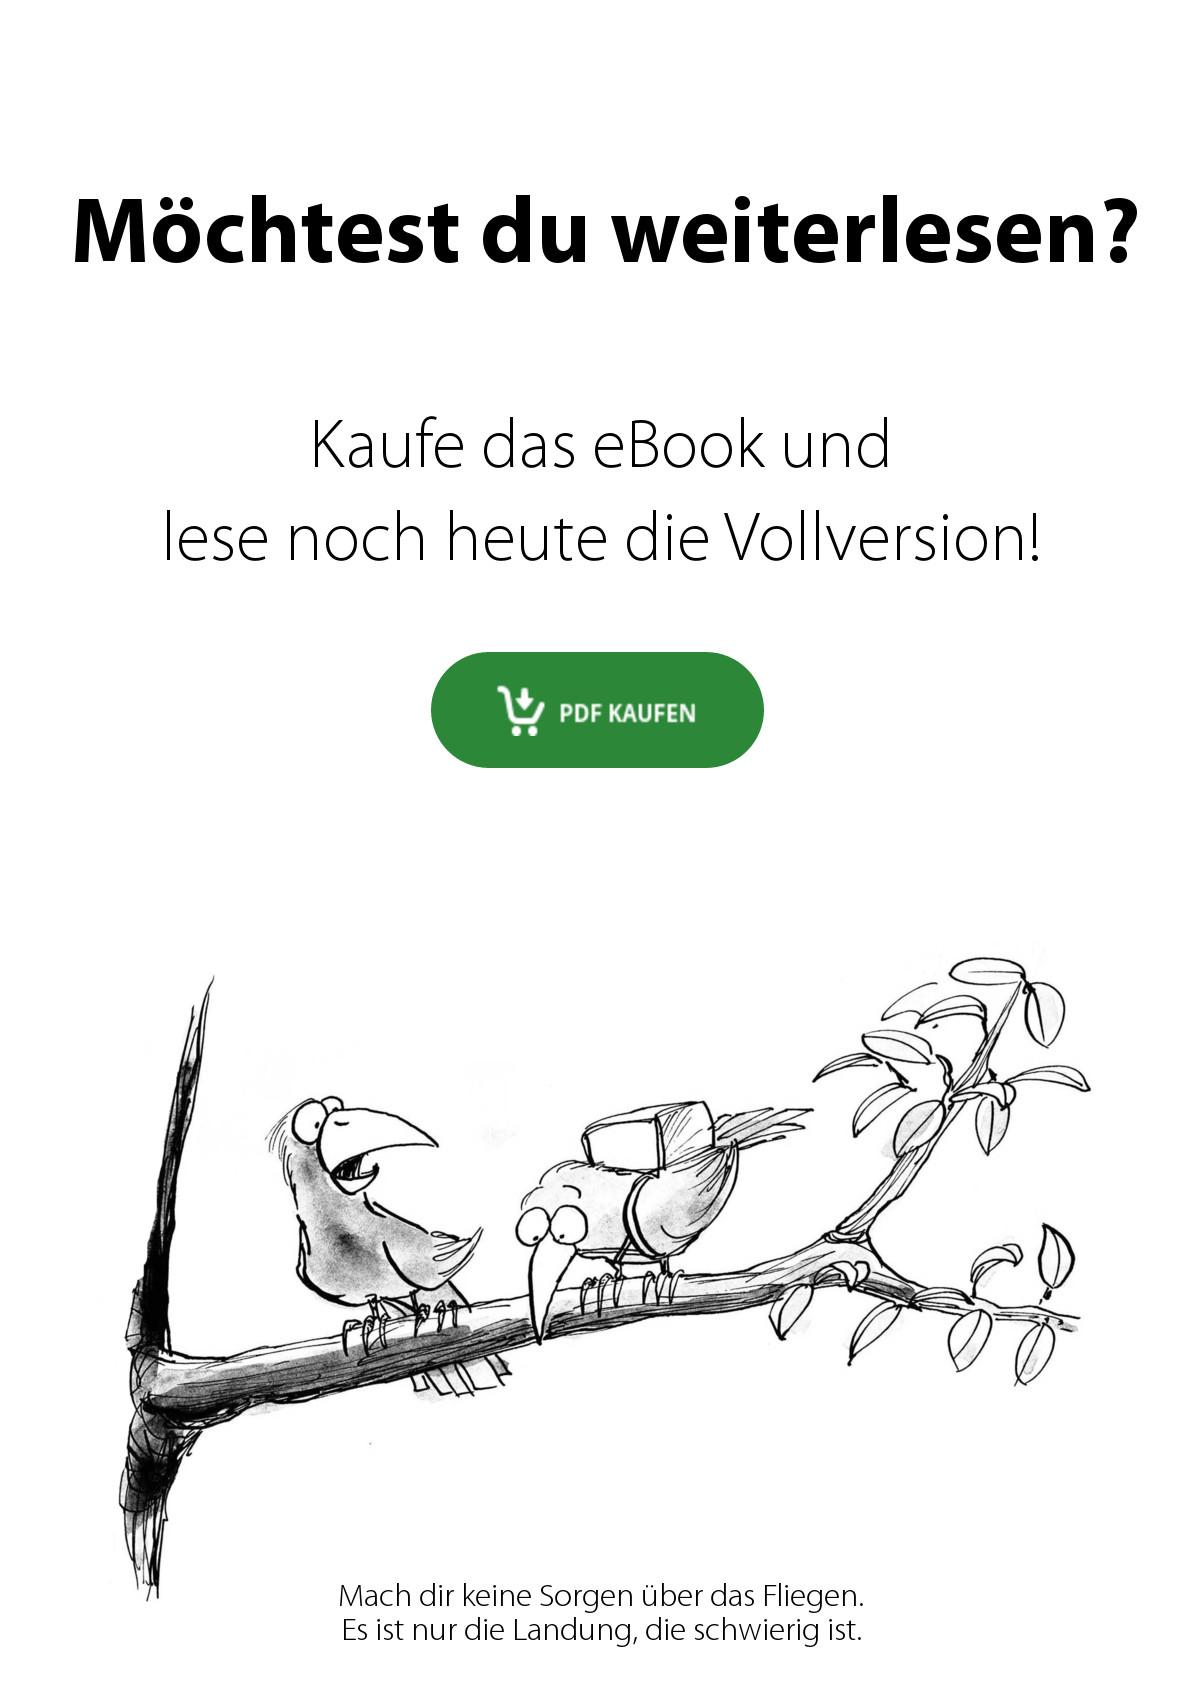 Buchvorschau: Wettkurs - Vögel mit Fallschirmen